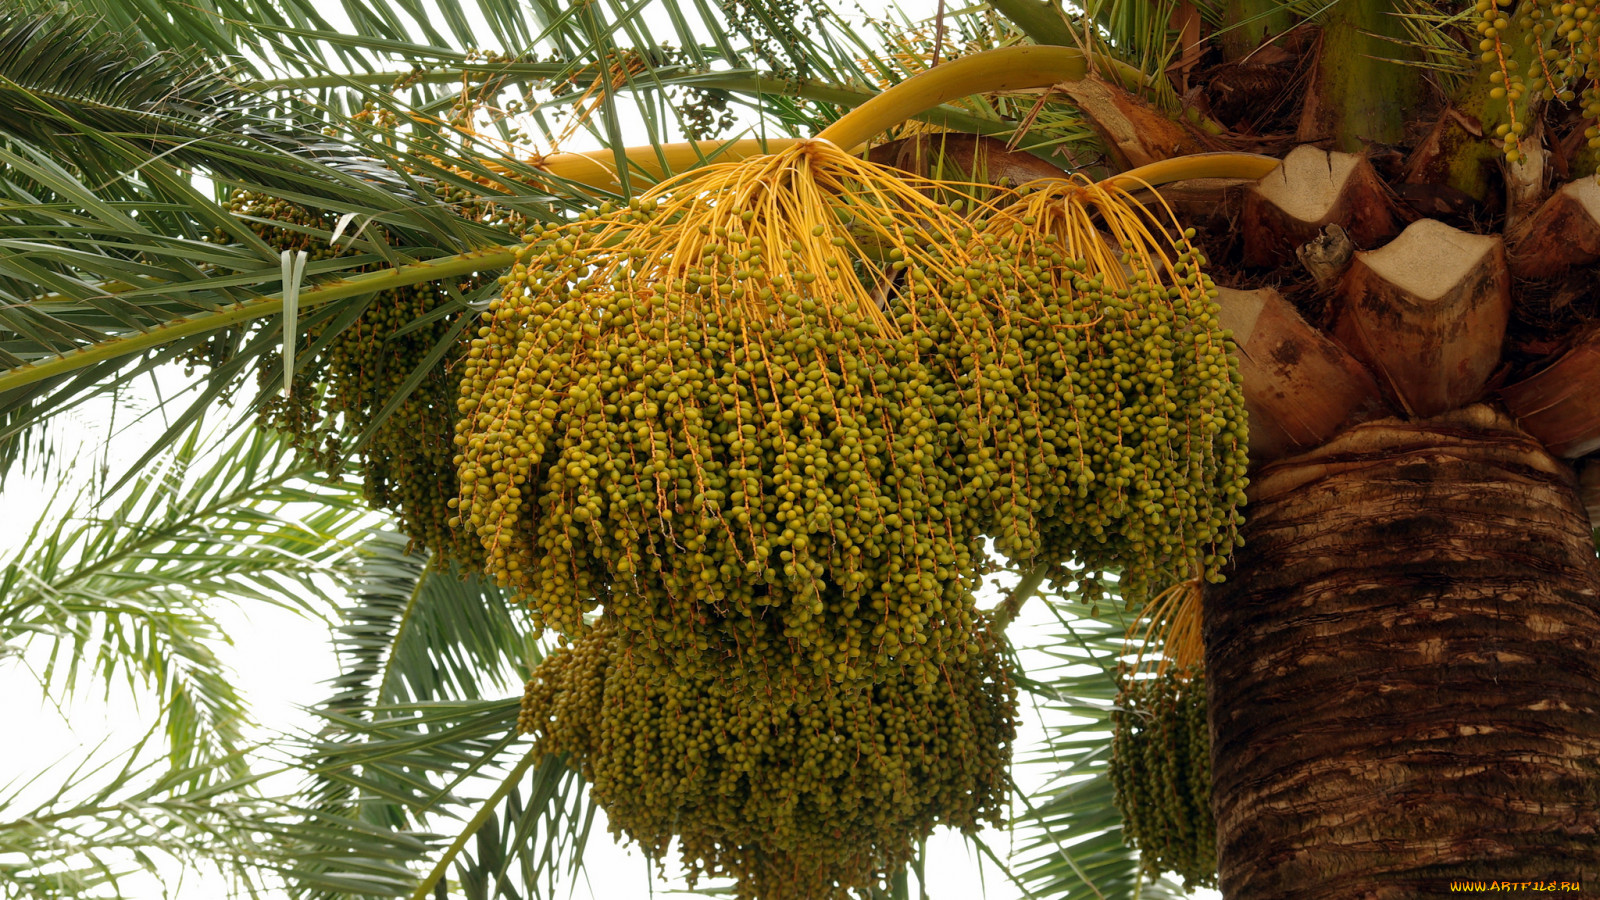 Плод финиковая пальма в домашних условиях